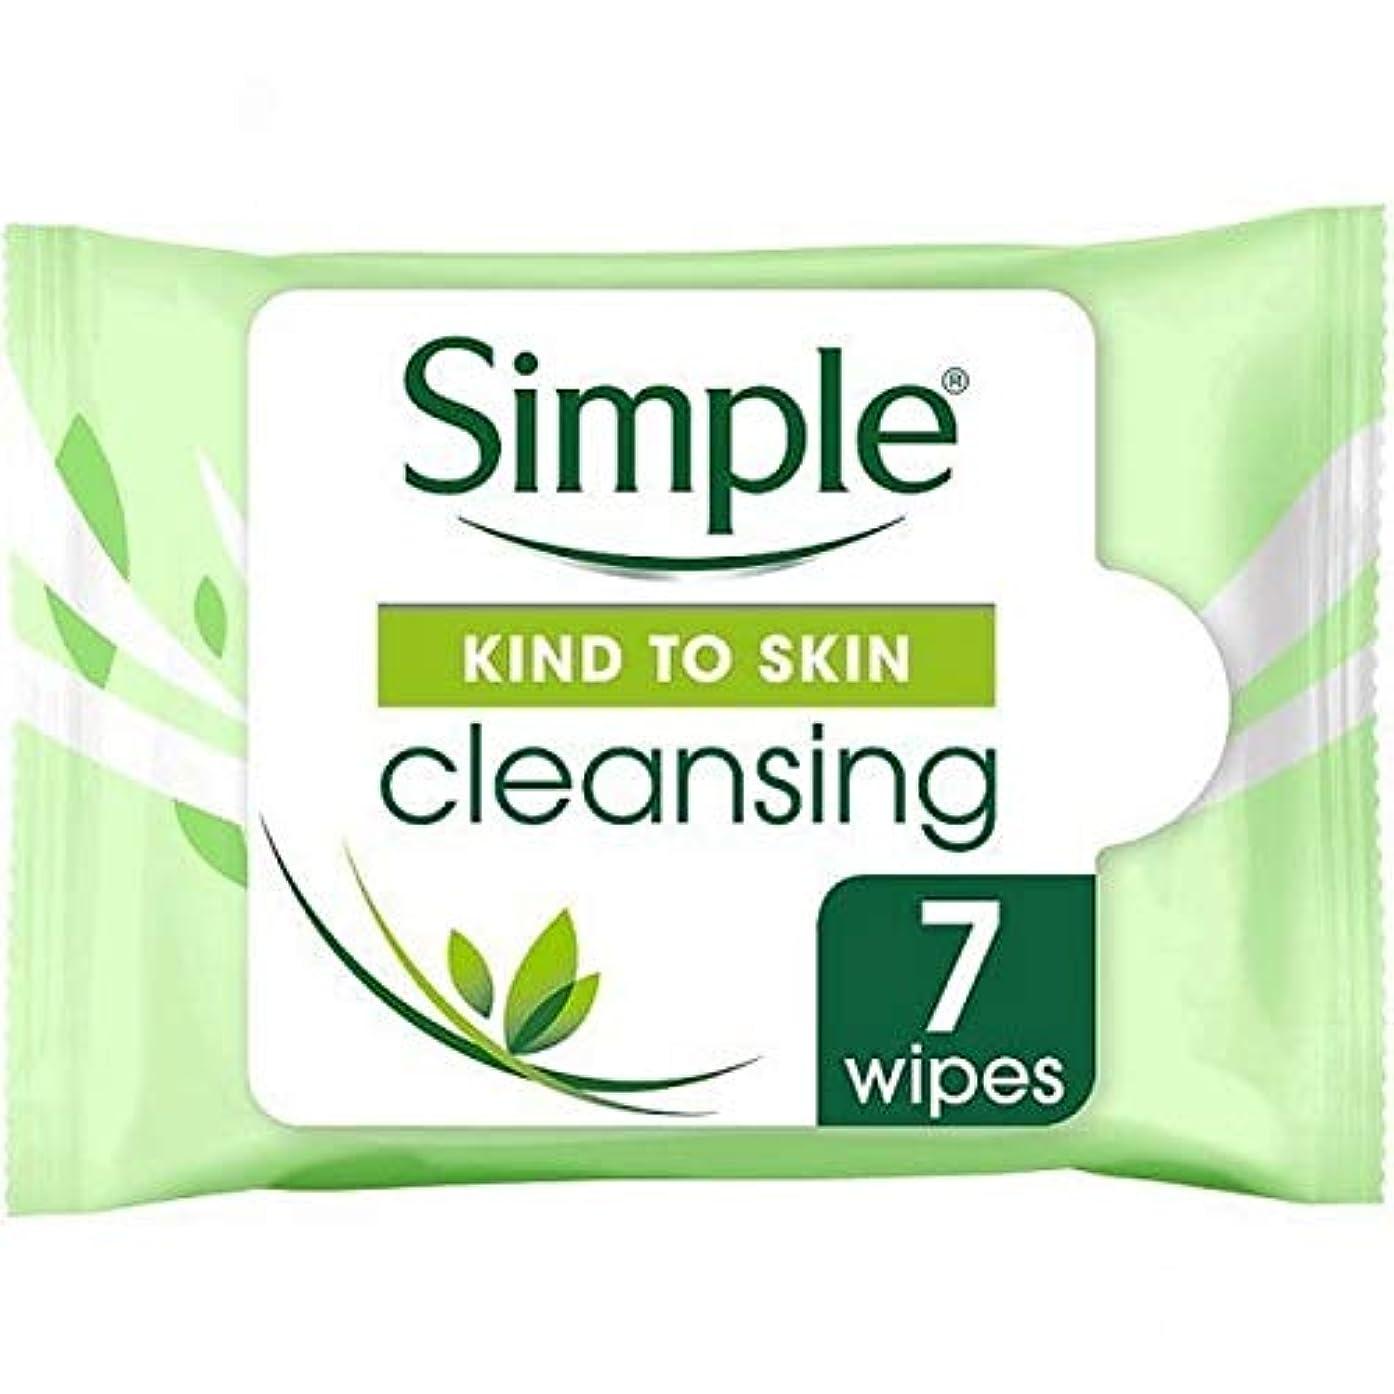 短くするく物足りない[Simple ] 顔のワイプの7Sクレンジング肌への単純な種類 - Simple Kind To Skin Cleansing Facial Wipes 7s [並行輸入品]